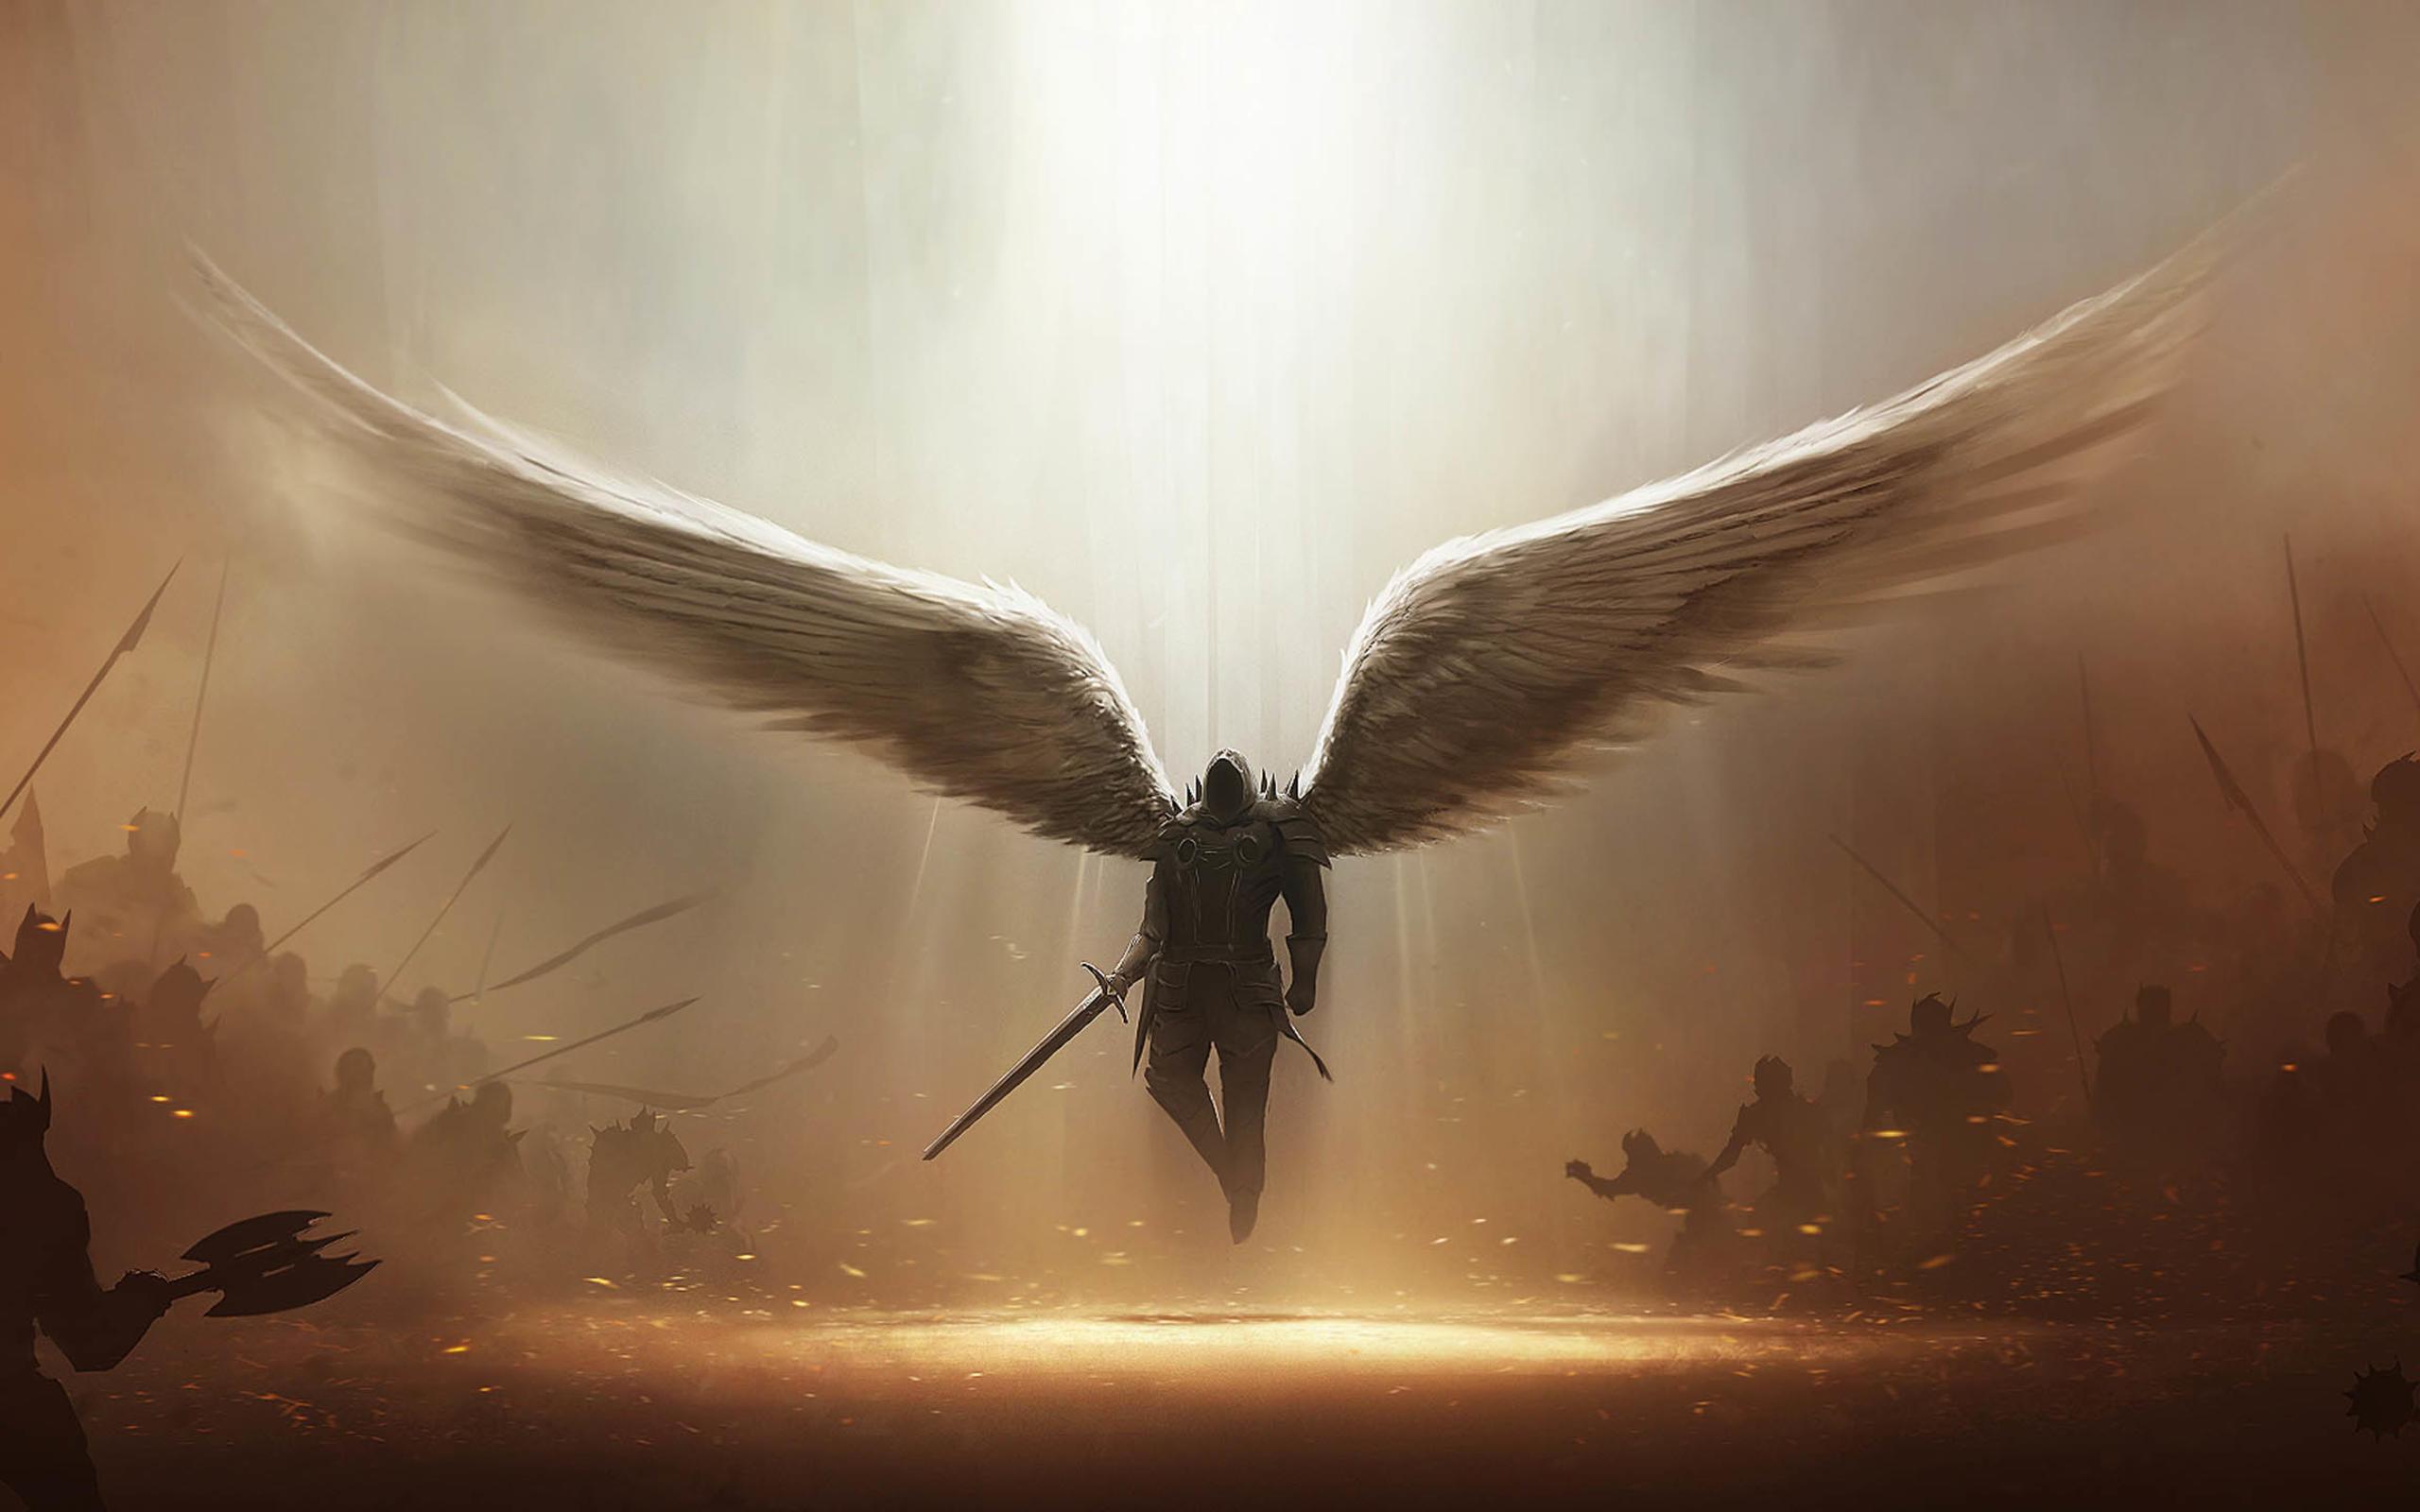 Res: 2560x1600, Computerspiele - Diablo III Engel Tyrael (Diablo III) Düster Wings Dämon  Schwert Weapon Engelskrieger